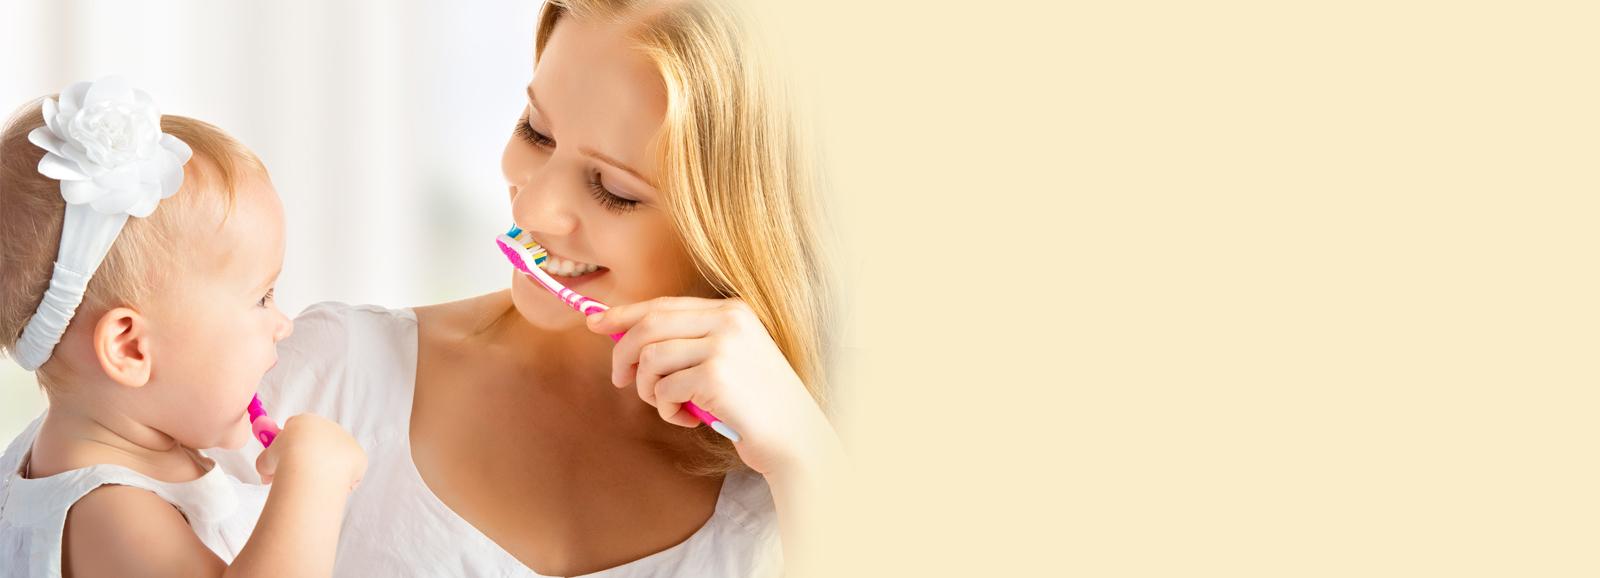 Nunca foi tão fácil e divertido escovar os dentes!